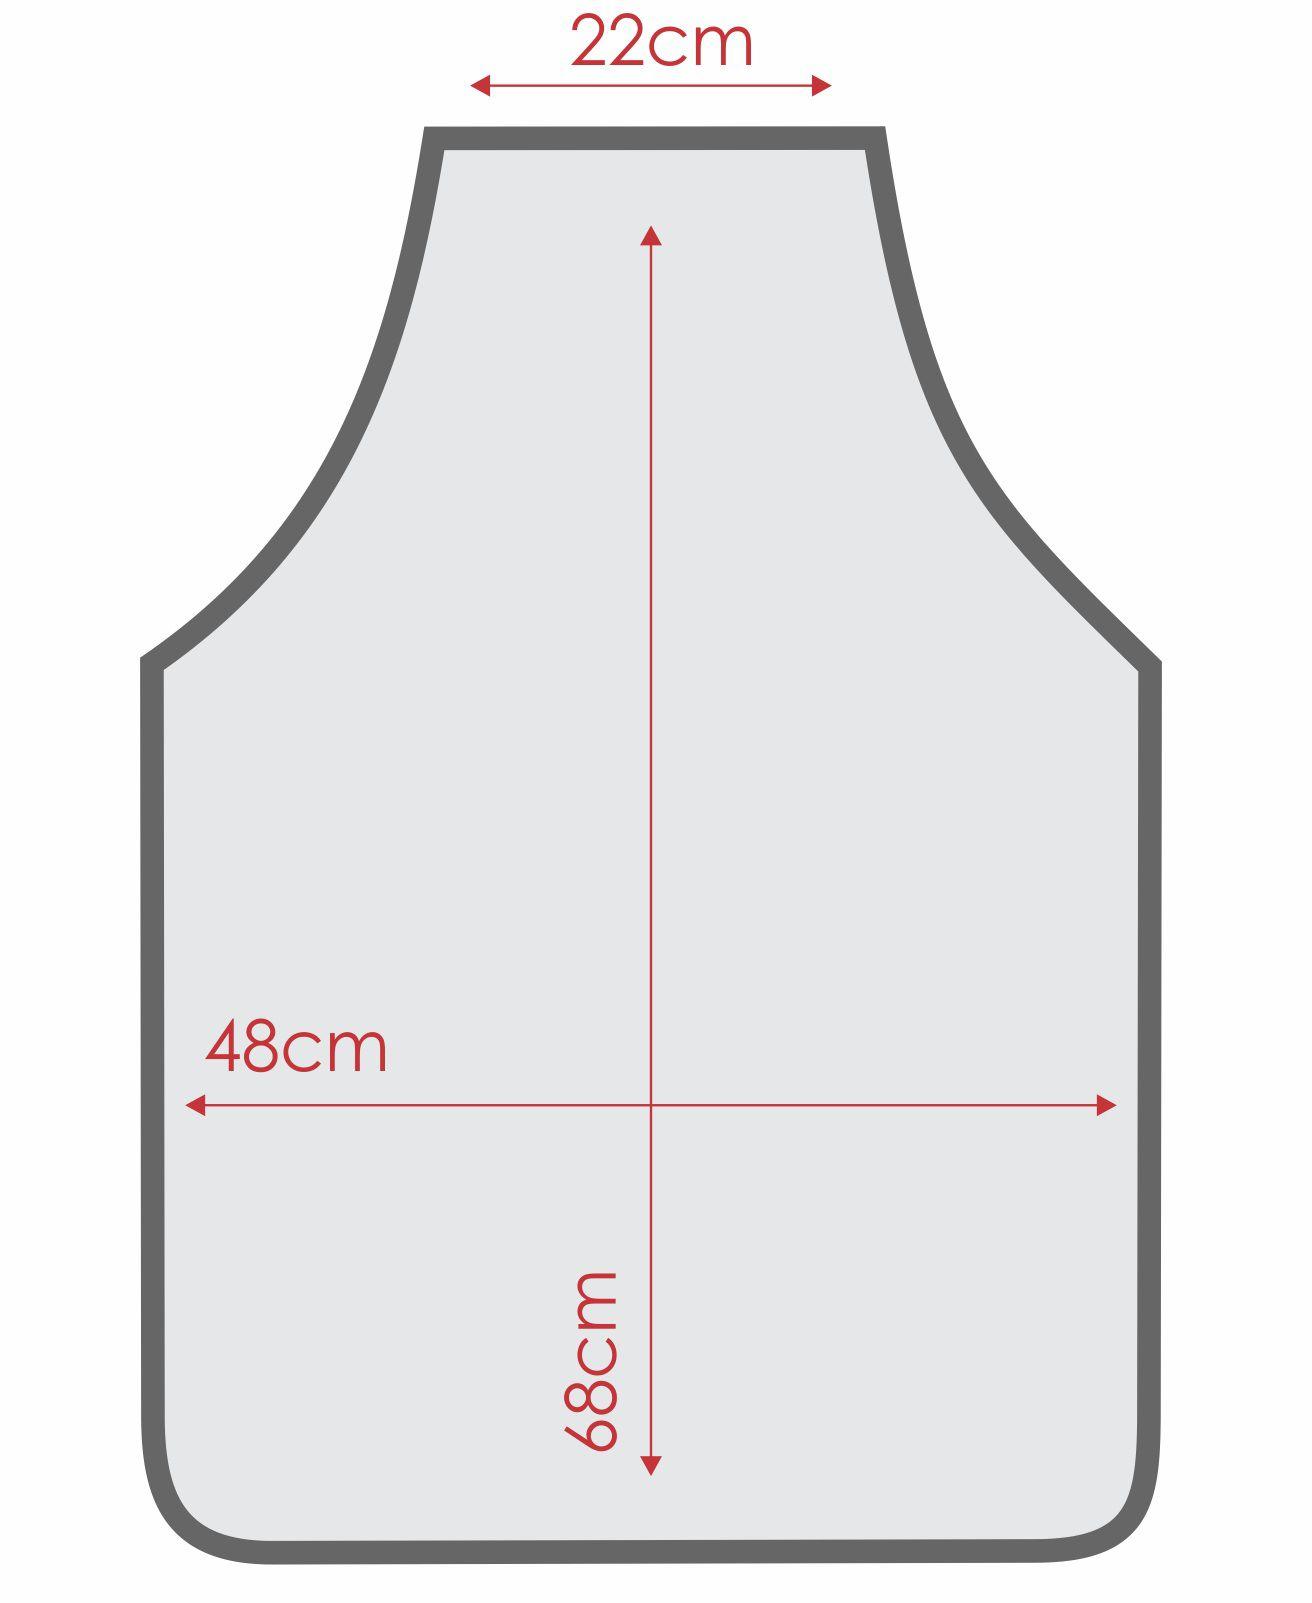 Avental De Cozinha Plastificado Listra Marrom  - RECANTO DA COSTURA